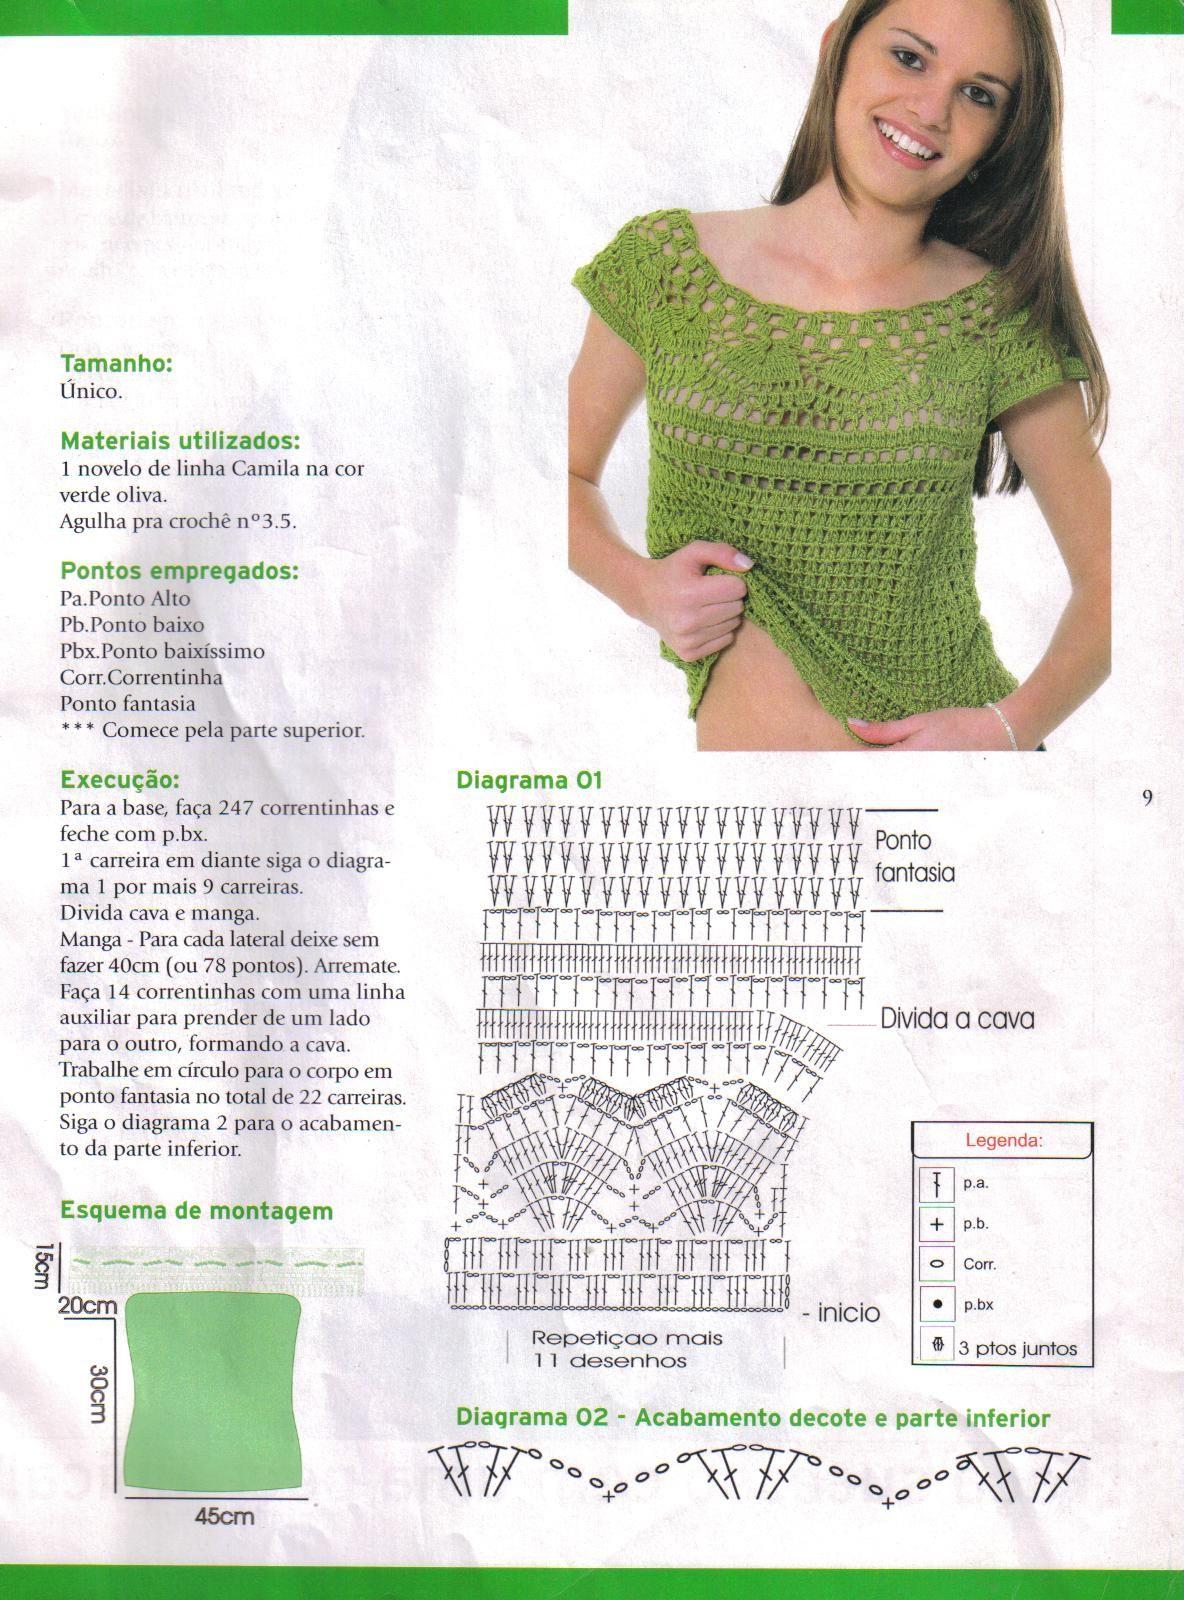 blusa+verde+con+canesu+pat.jpg 1,184×1,600 píxeles | Crochet °•° Top ...